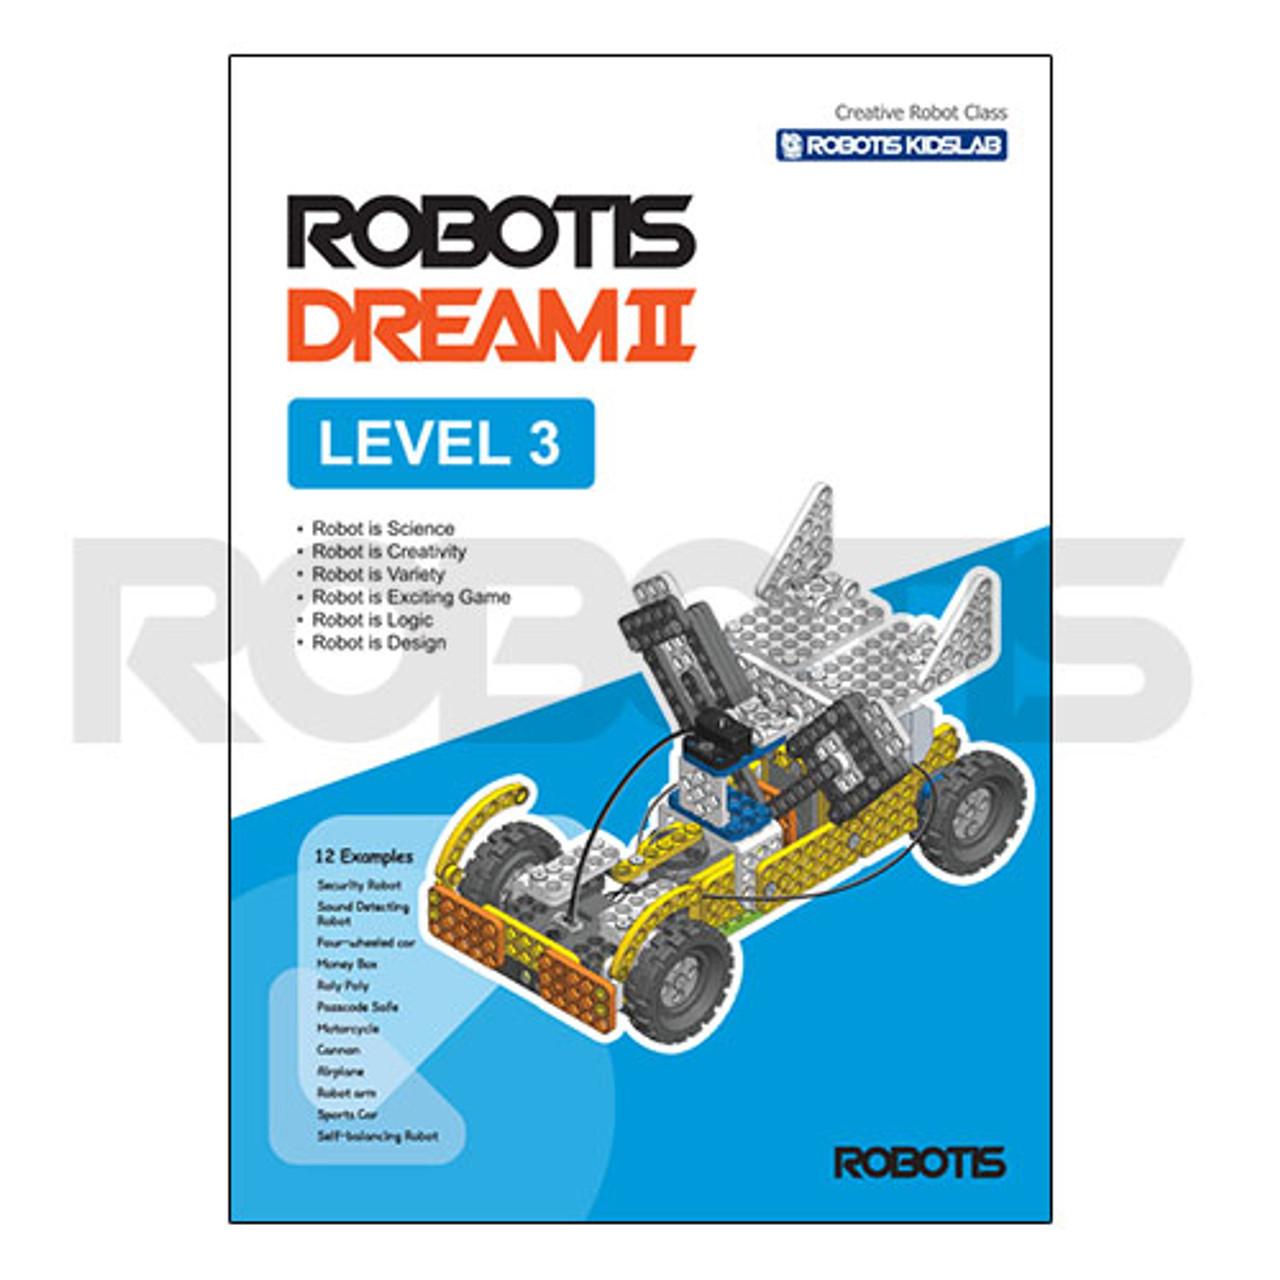 ROBOTIS DREAM II Level 3 Workbook [EN]